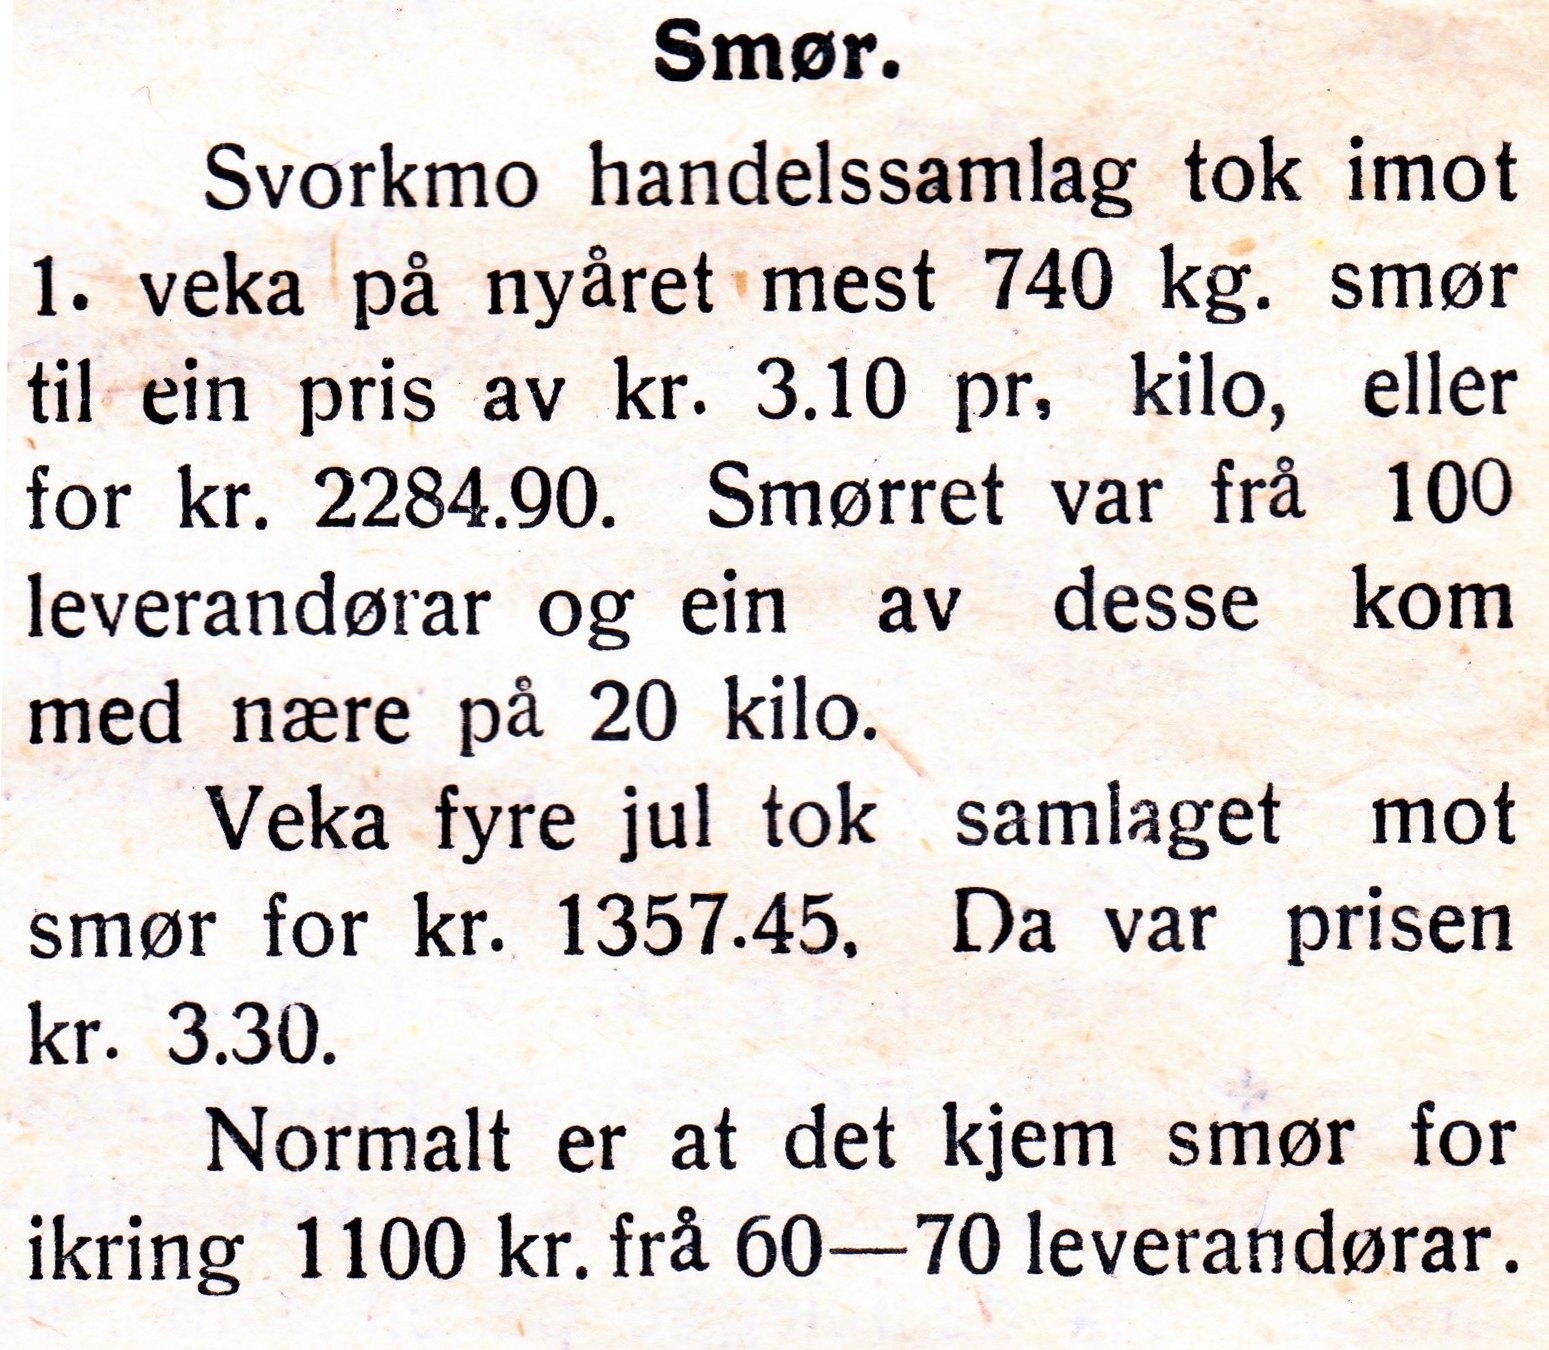 Smørpriser.jpg